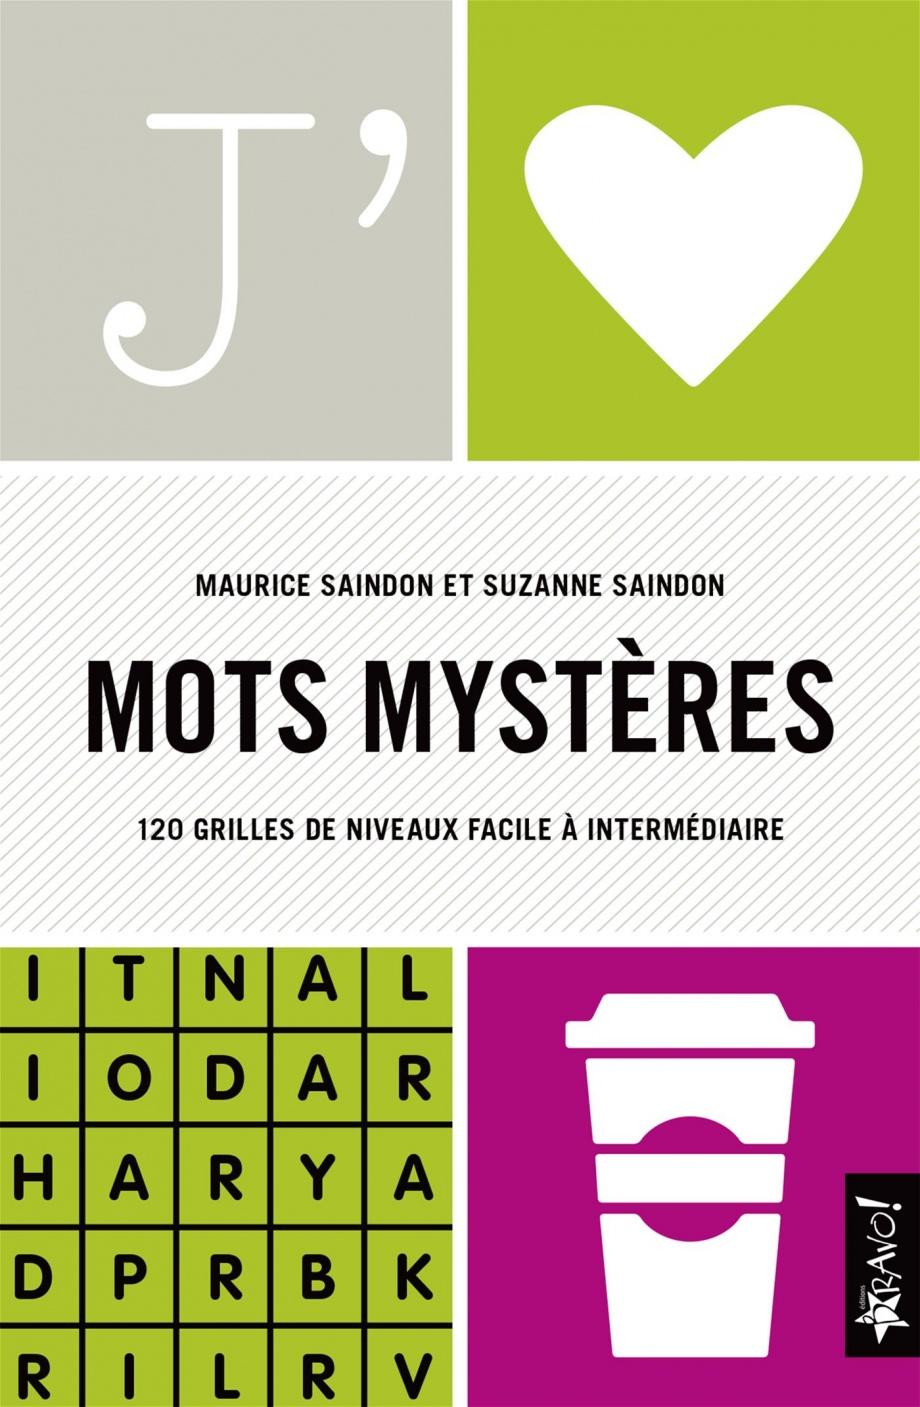 Mot D'humour En 3 Lettres : d'humour, lettres, Mystères, Grilles, Thématiques, Maurice, Saindon,, Suzanne, Saindon, Loisirs, Lettres, Leslibraires.ca